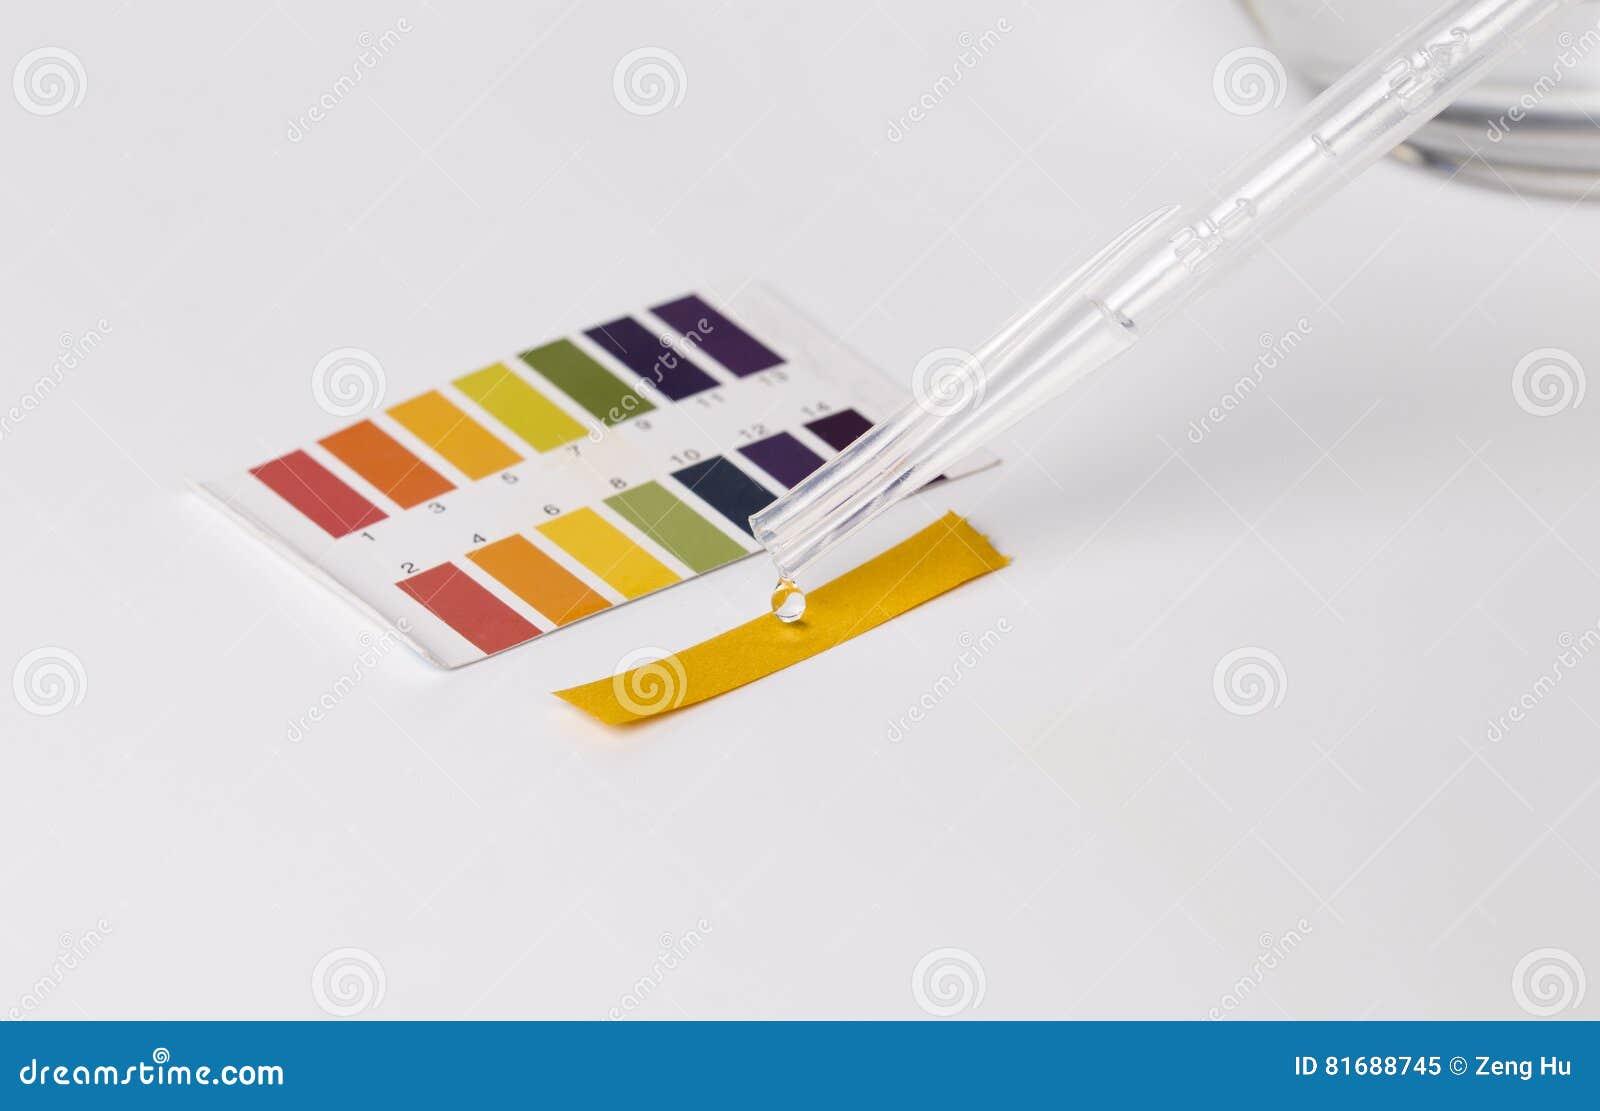 Teste e água do pH do tornassol